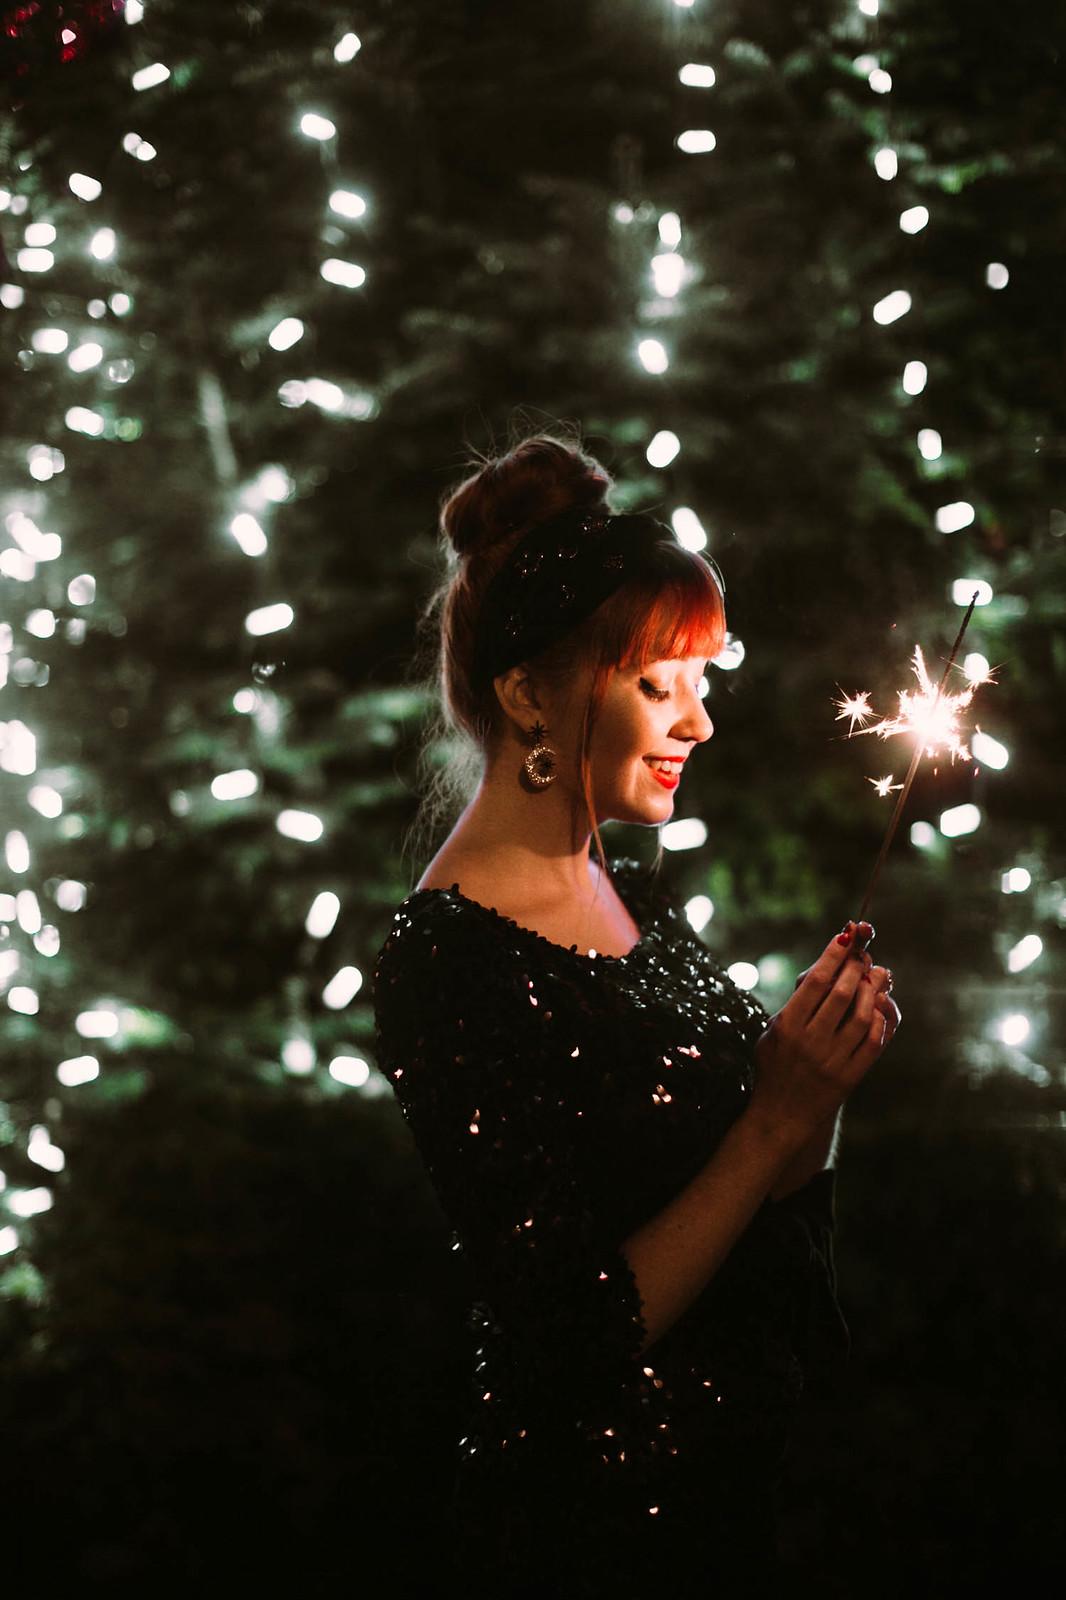 aclotheshorse nye sparklers